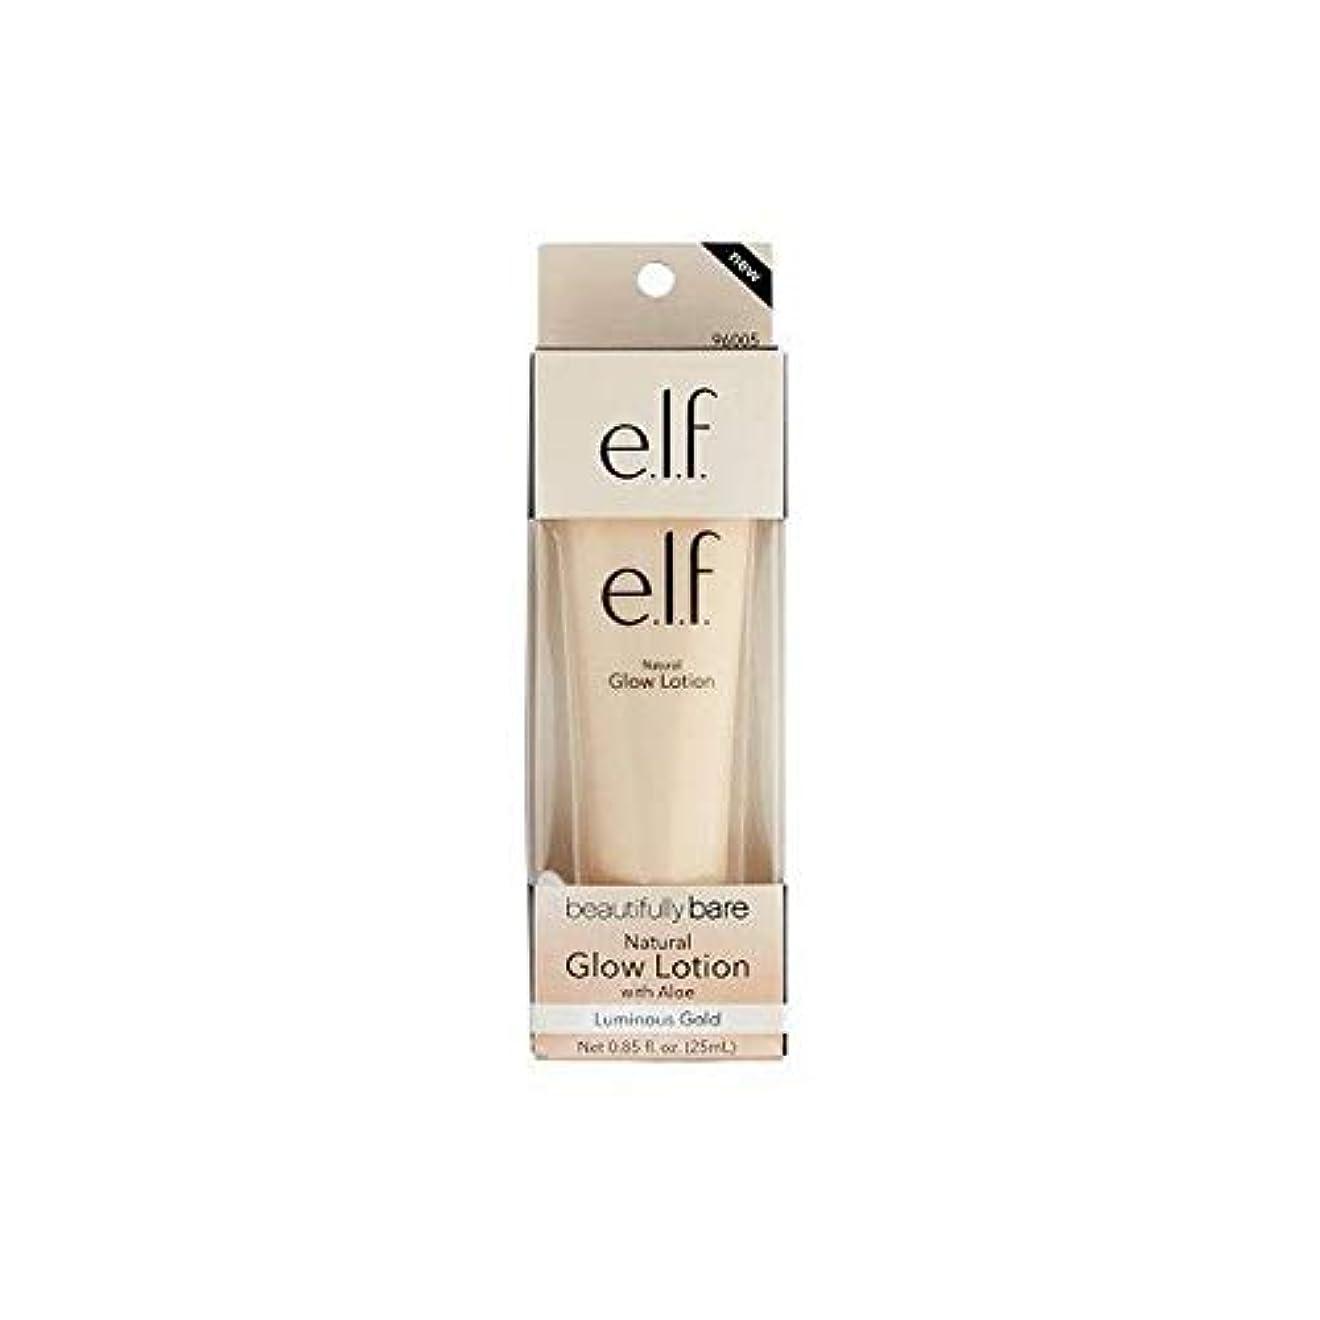 マキシム対応するインシデント[Elf ] エルフ。美しく裸自然グローローション金 - e.l.f. Beautifully Bare Natural Glow Lotion gold [並行輸入品]